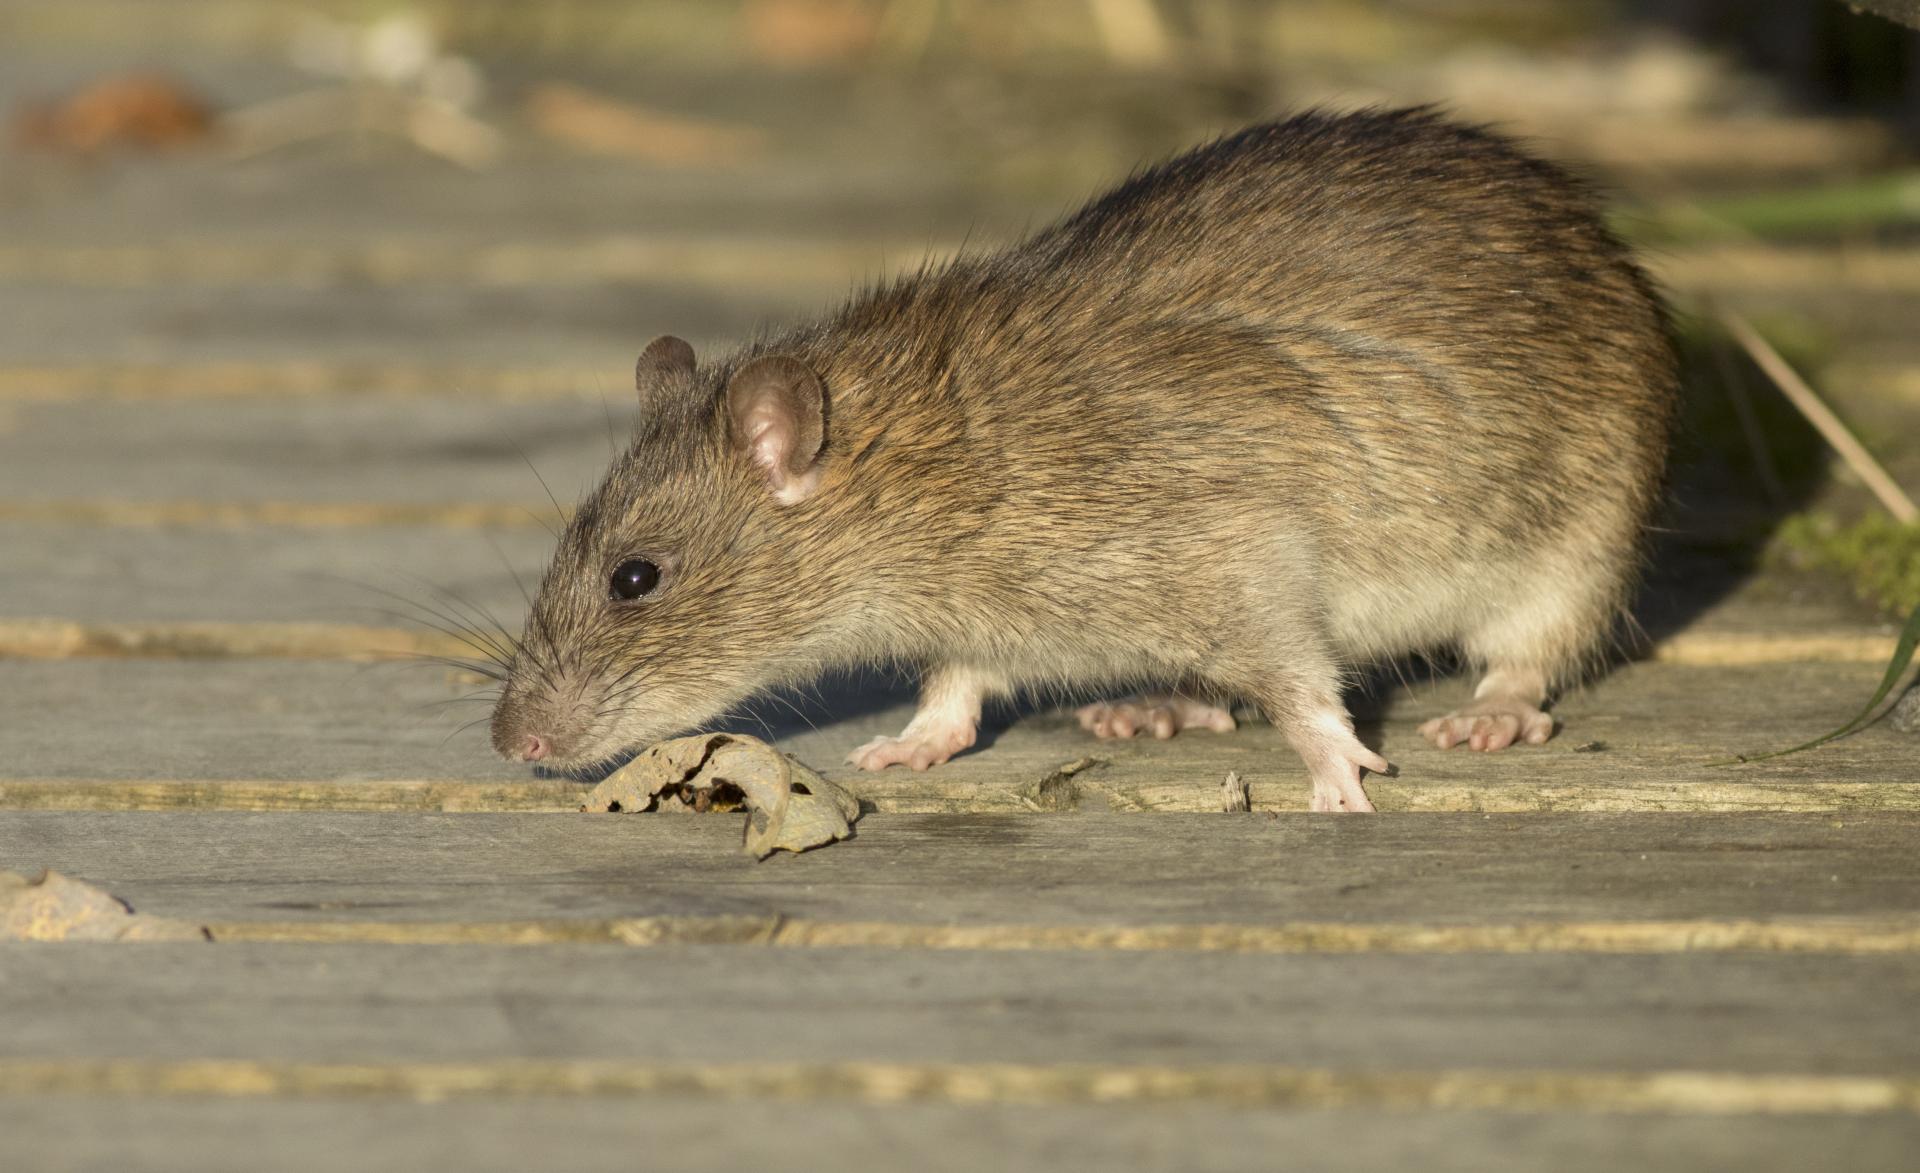 rat pest control services